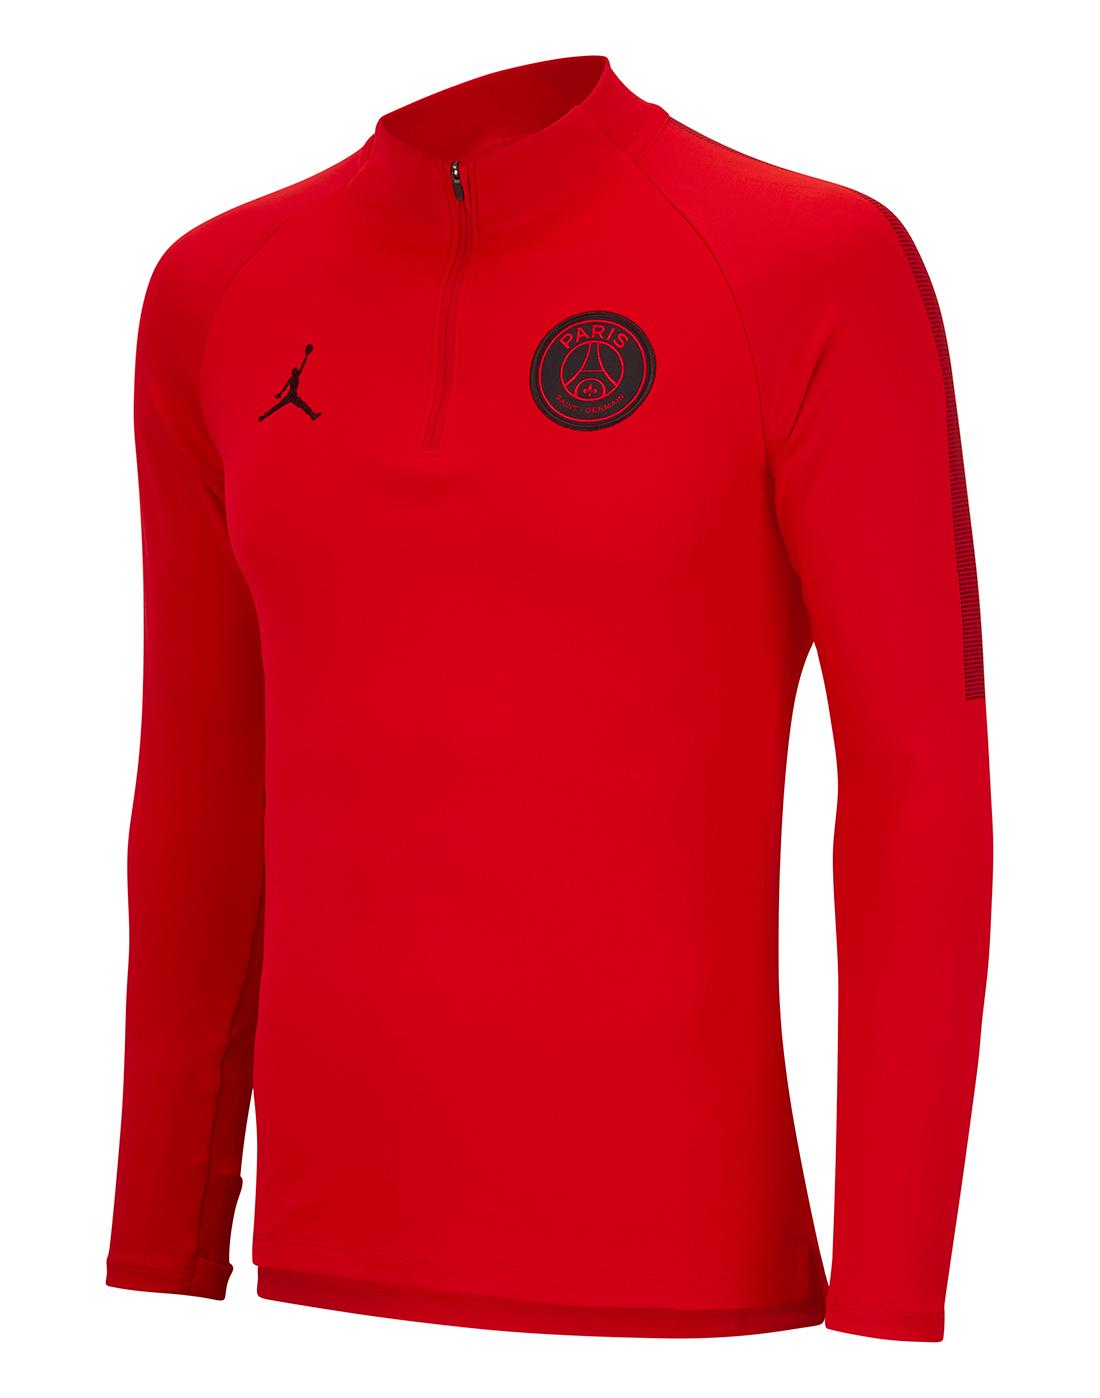 2e0942659 Nike Adult PSG Jordan Training 1/4 Zip | Life Style Sports